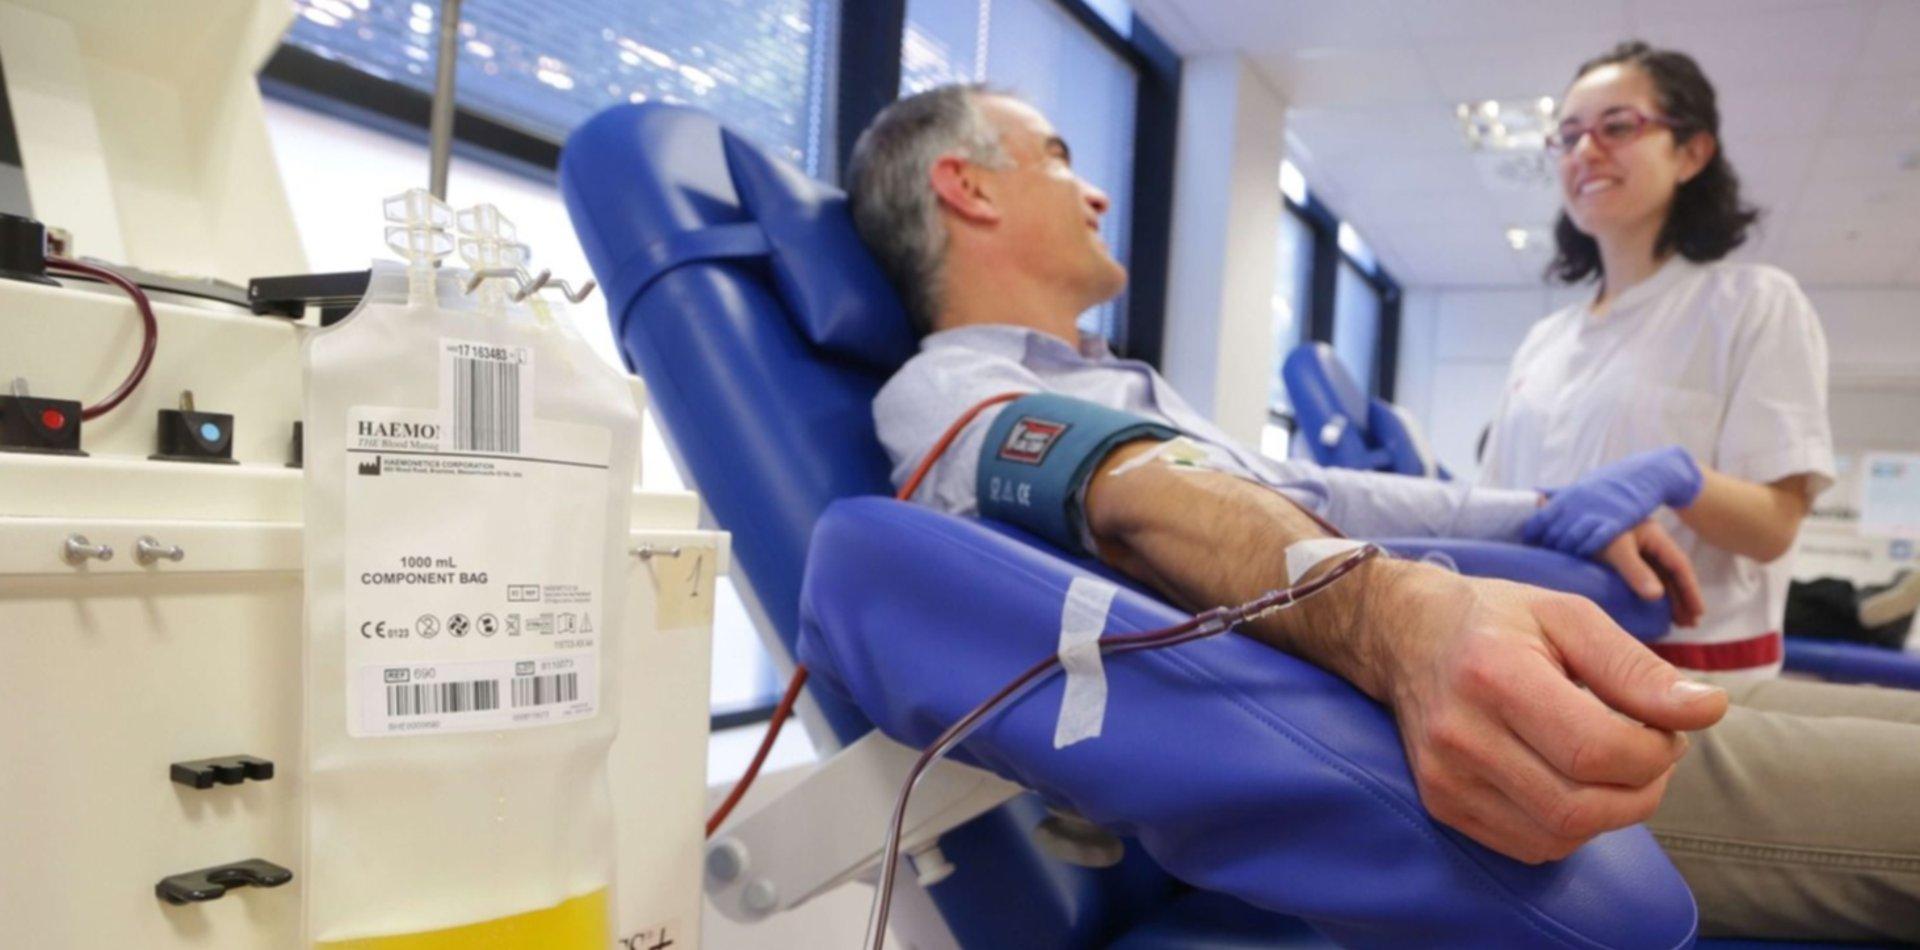 Por primera vez aplican plasma de convaleciente a un paciente en diálisis